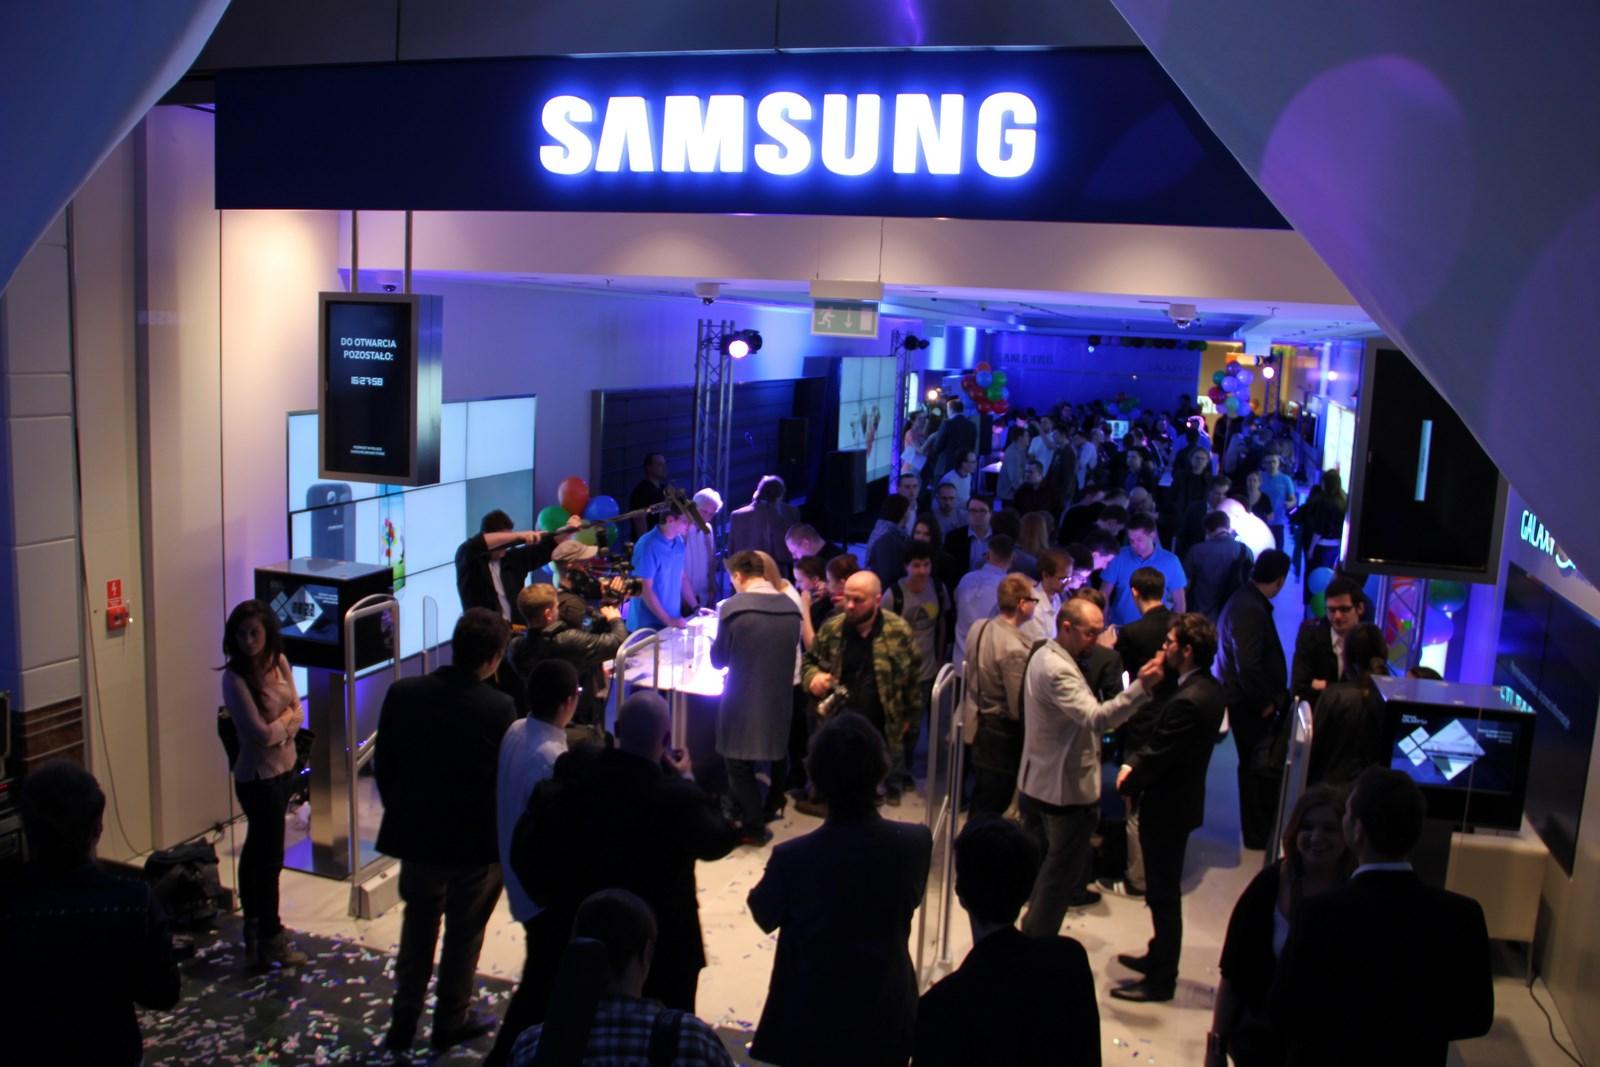 Samsung Brand Store dziś zostanie otwarty. My już tam byliśmy